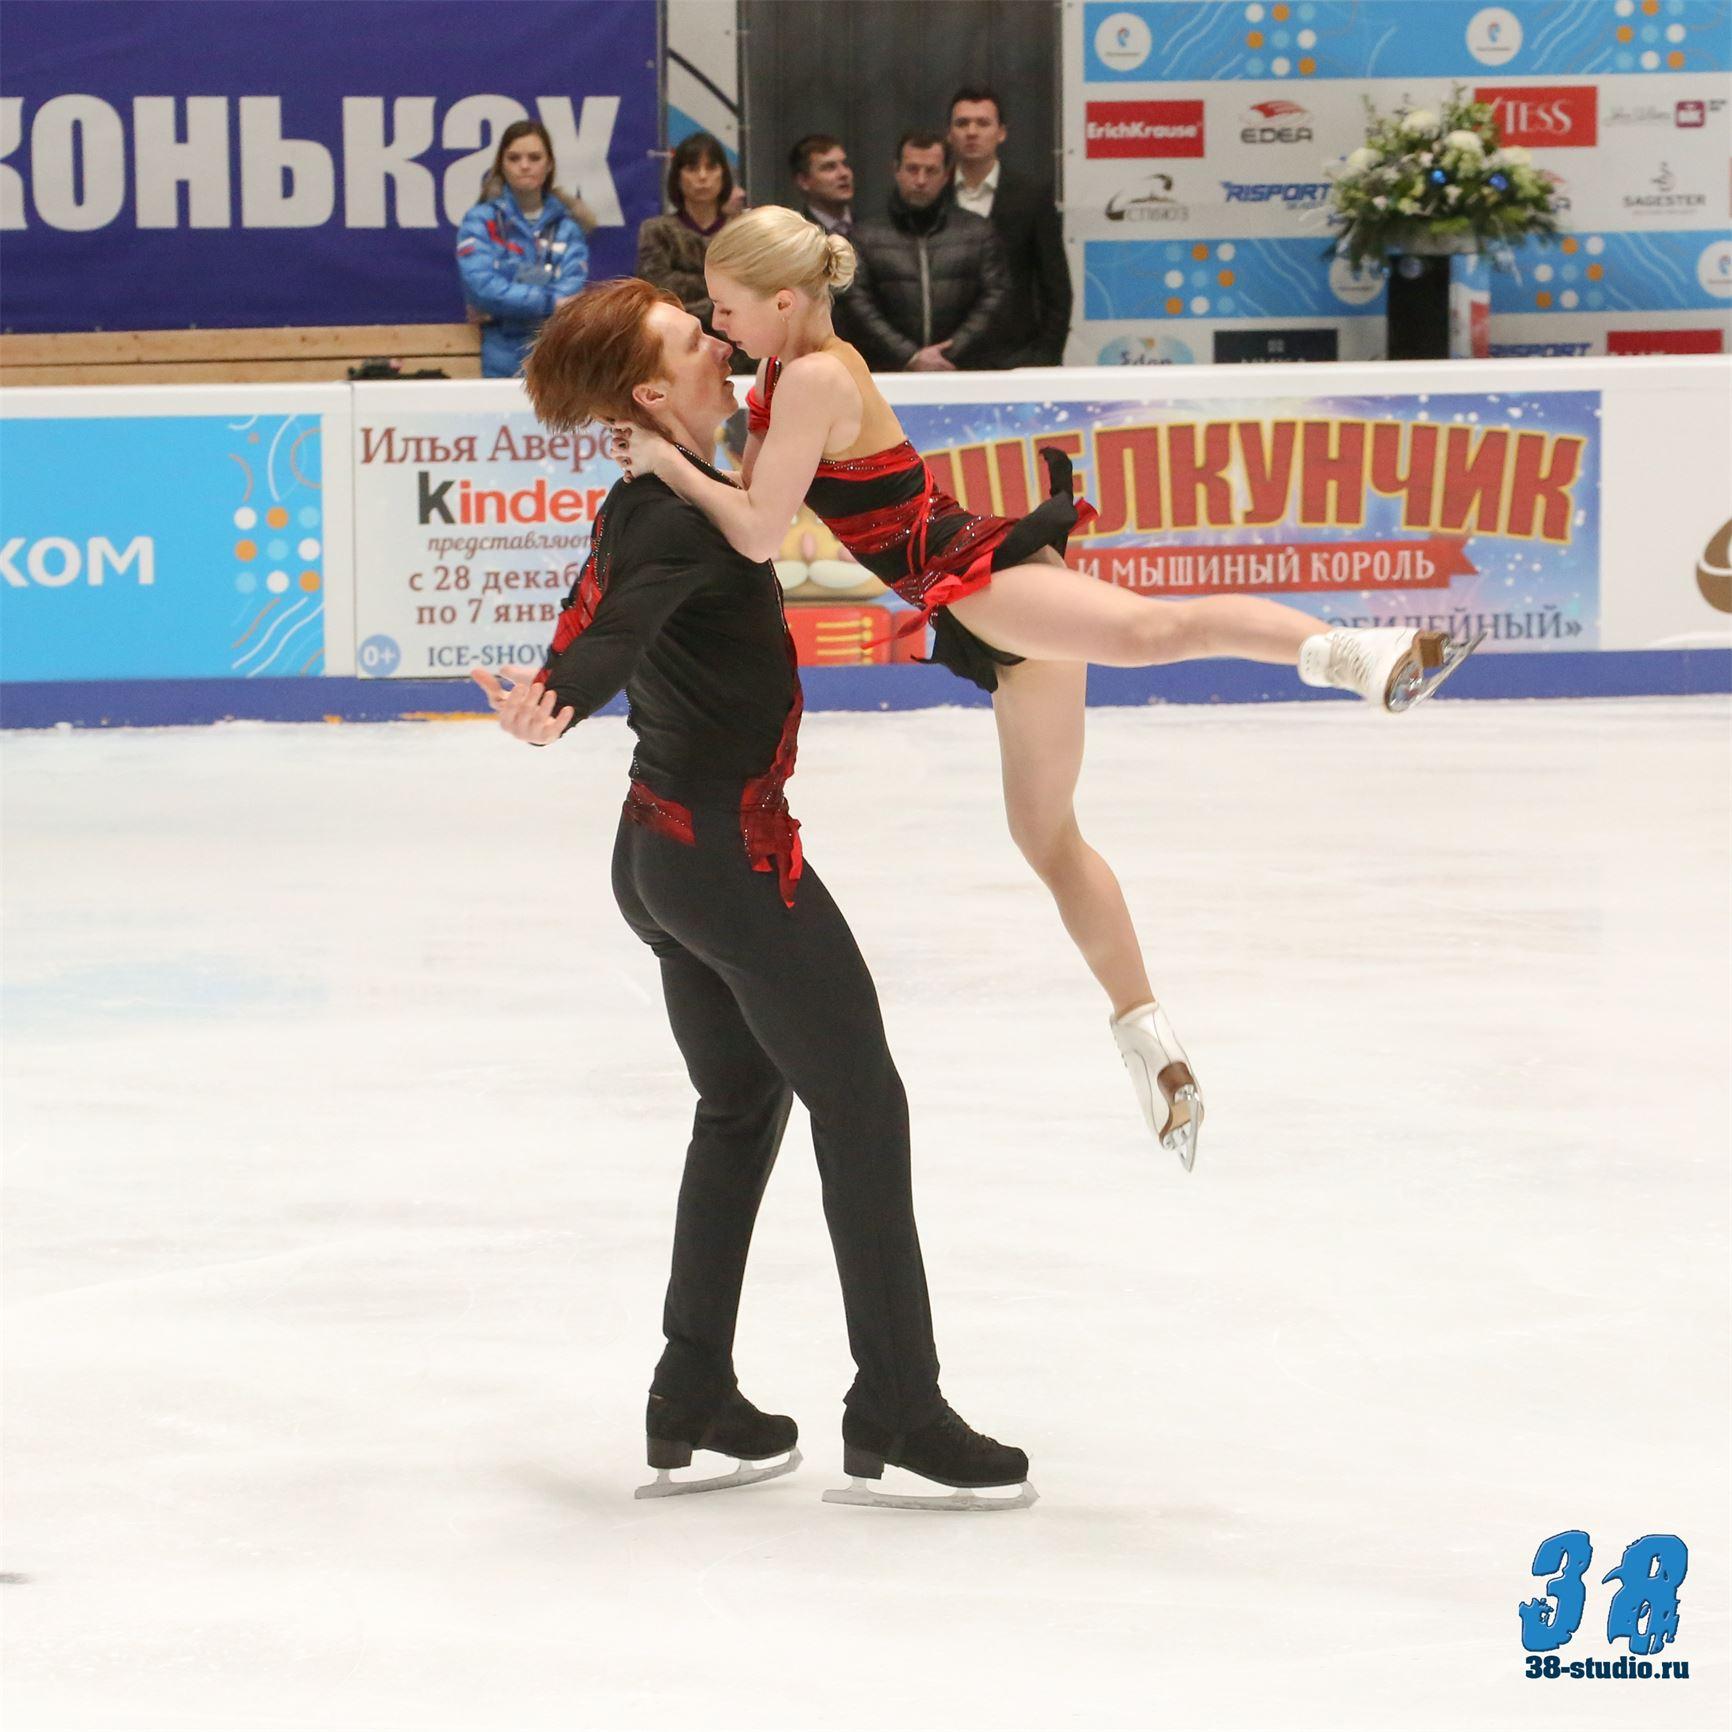 Евгения Тарасова - Владимир Морозов-2 - Страница 2 Mg7A8vJNl_E